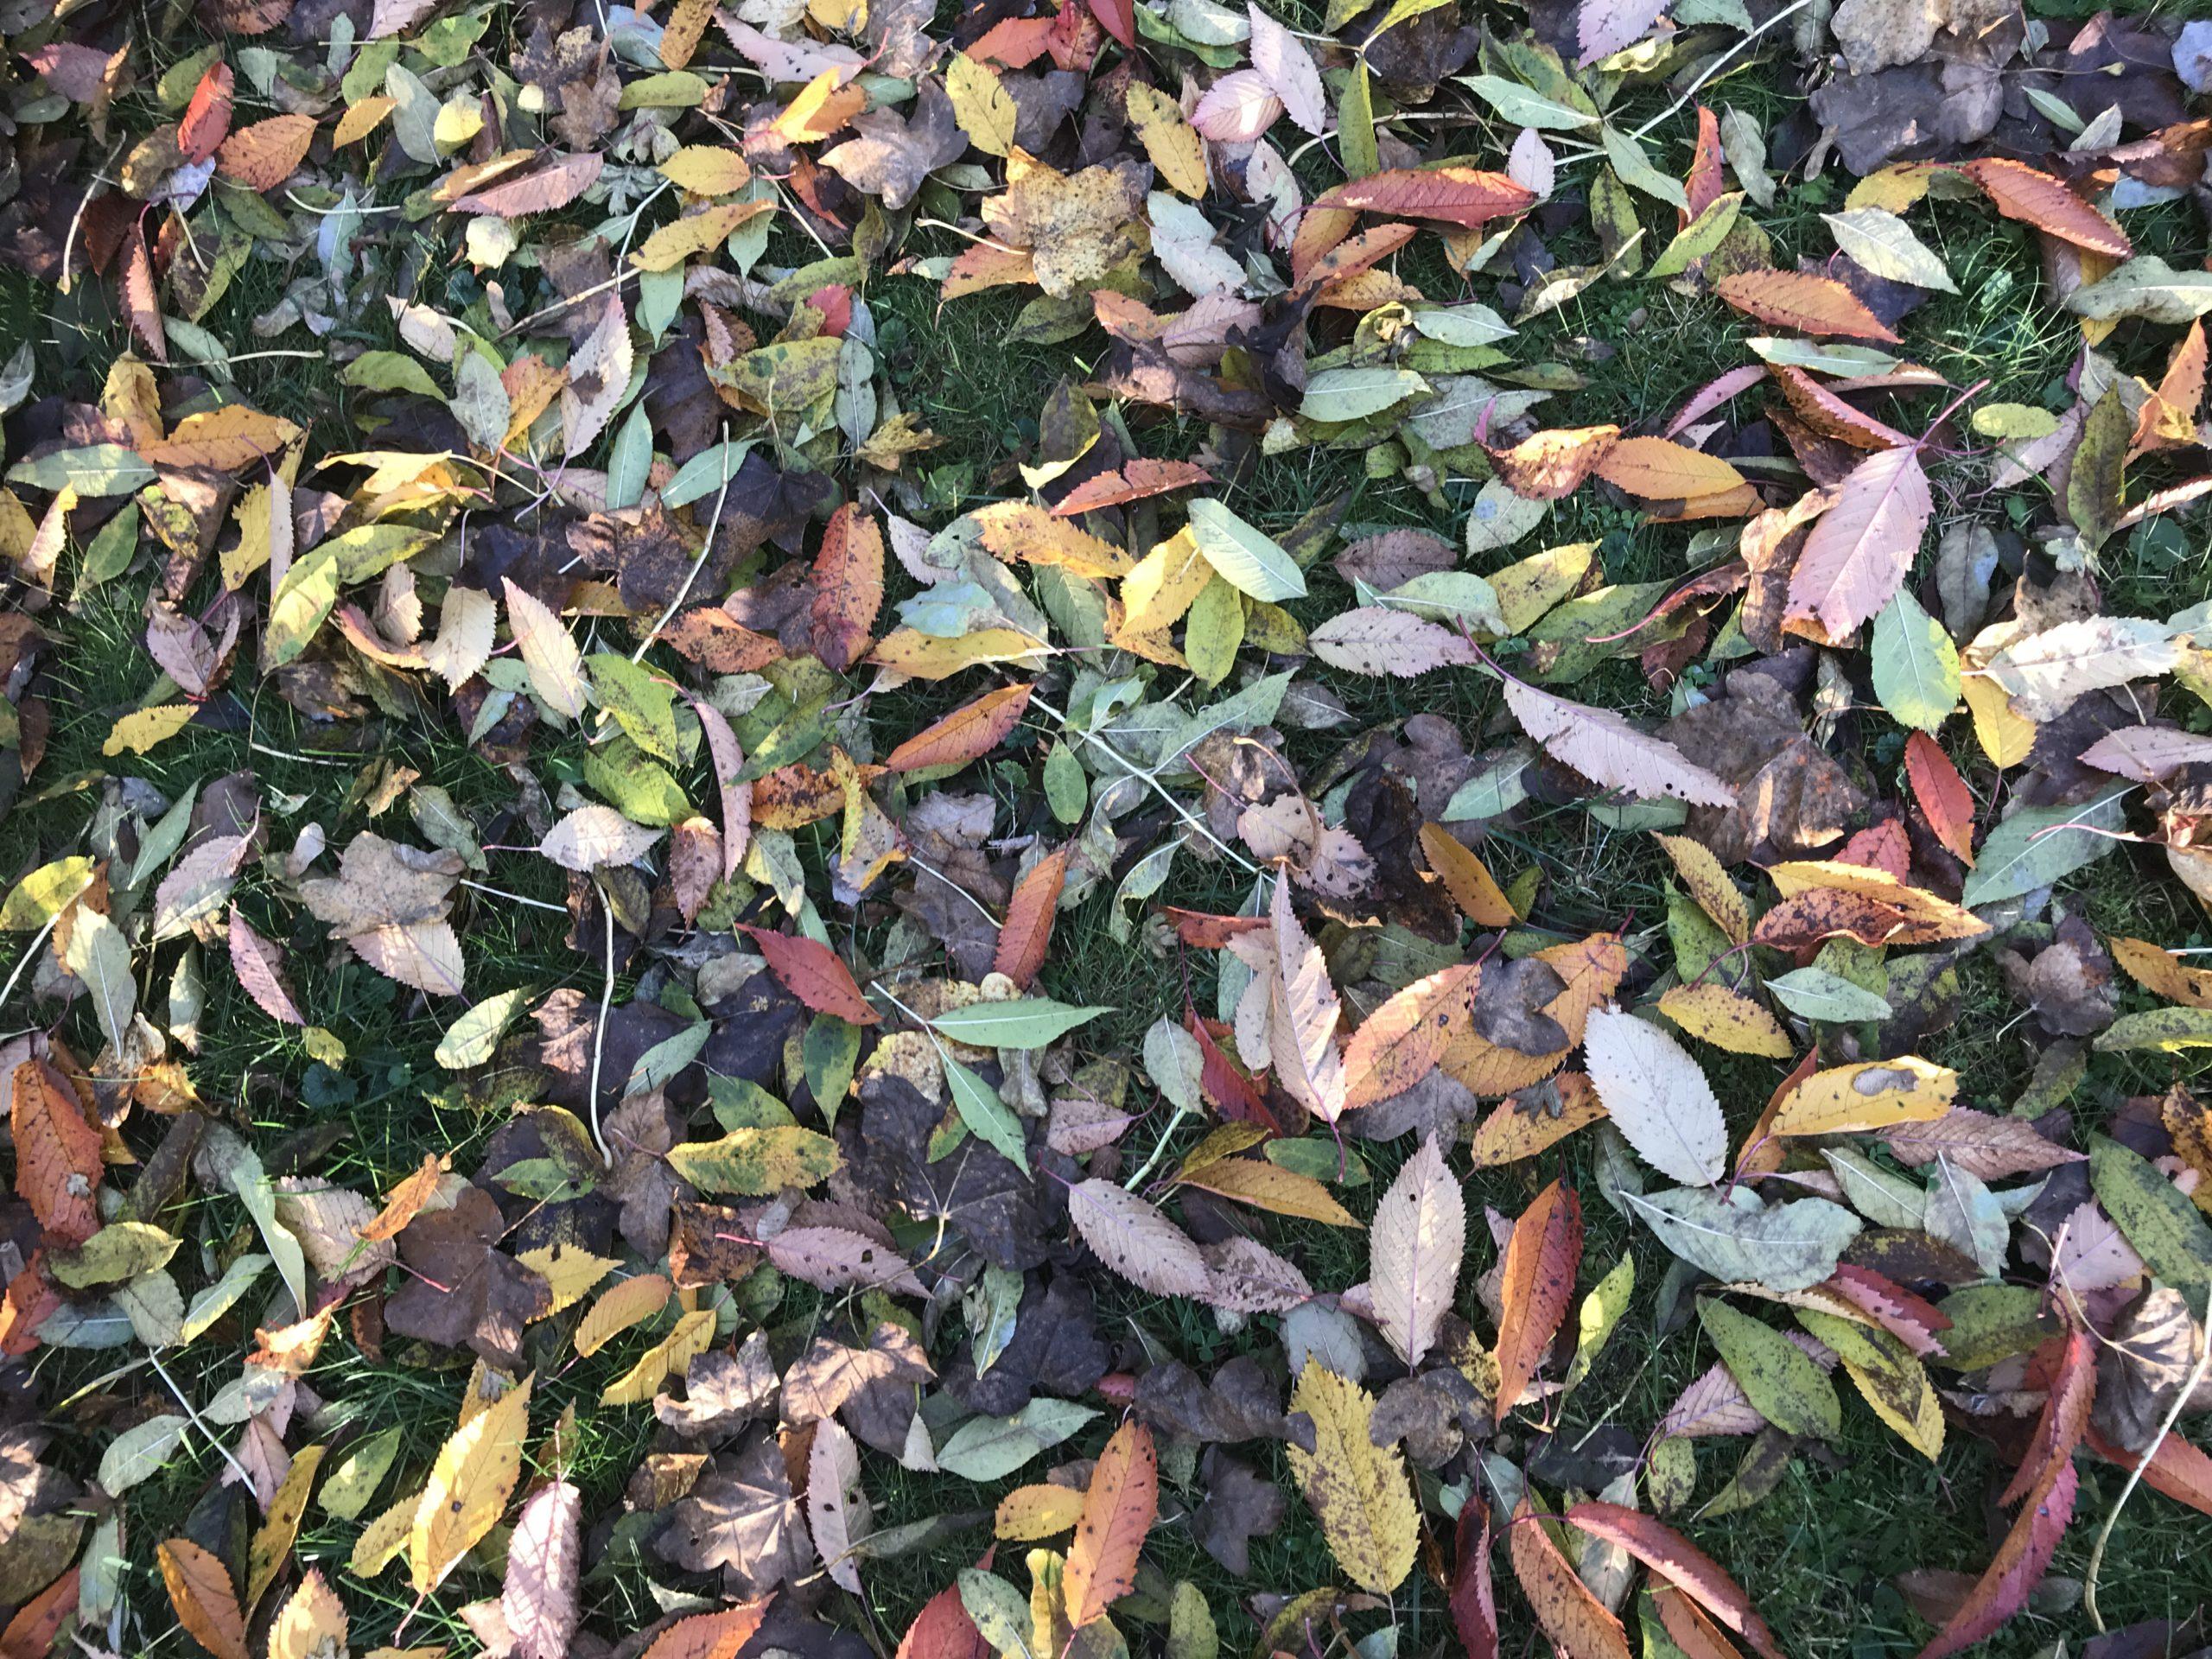 Blätter im Herbst beruhigen bei Stress